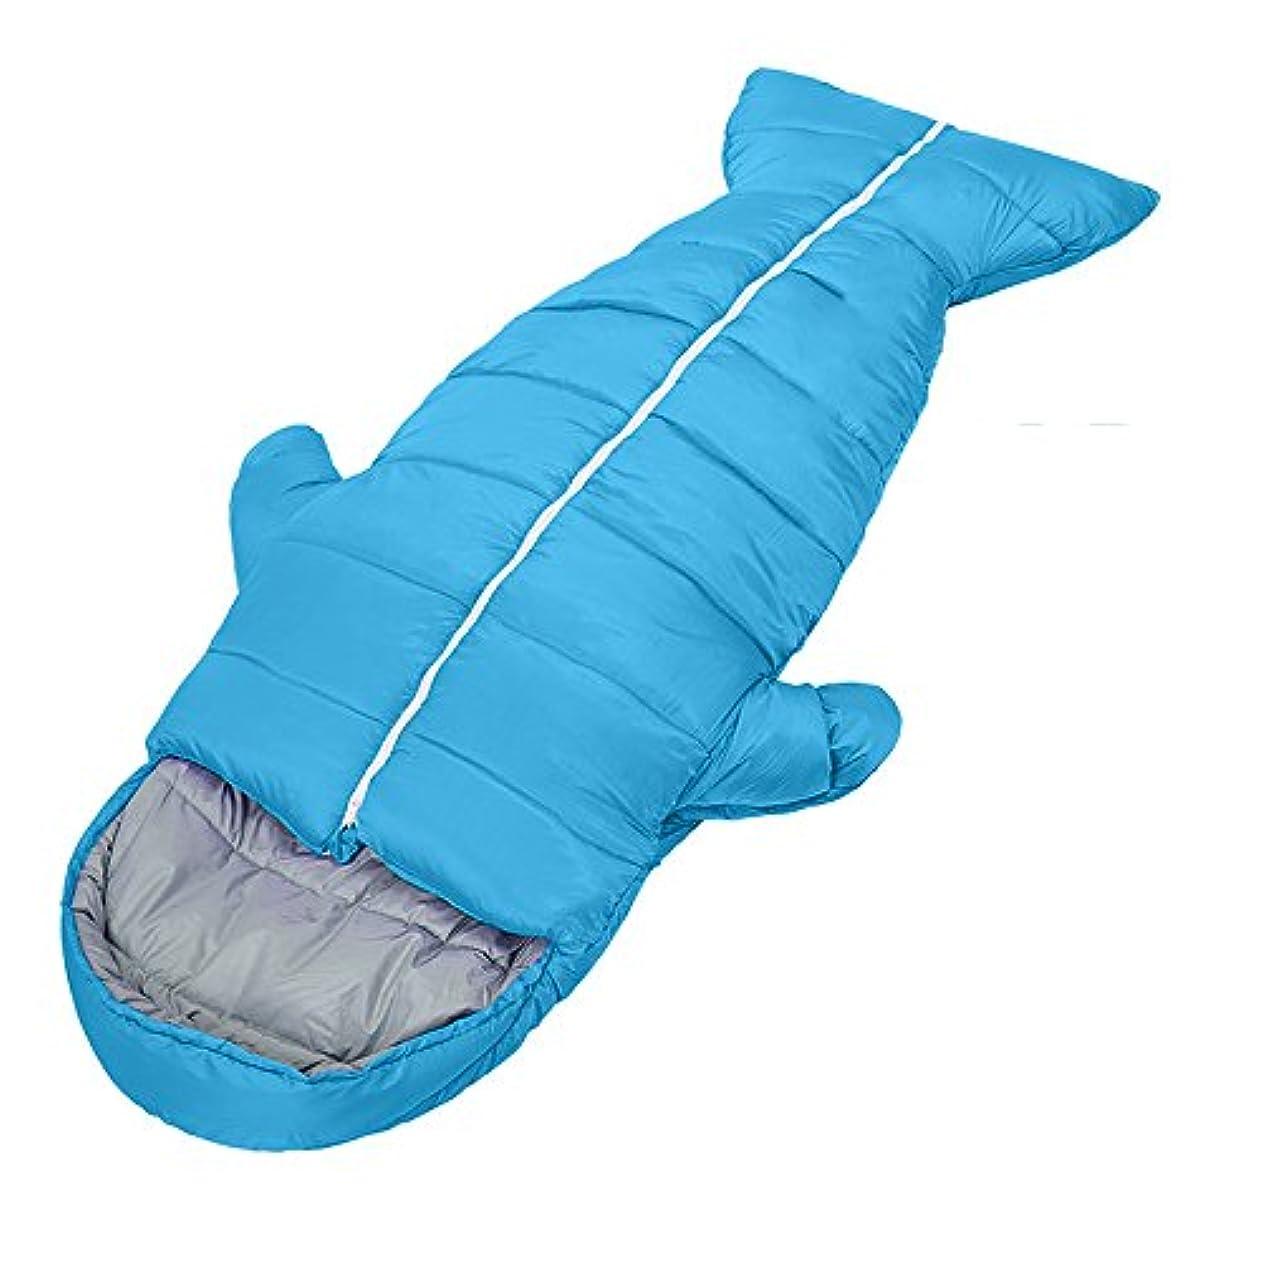 着陸軽量起点LJHA shuidai 寝袋屋外キャンプ成人プラス厚い寝袋秋と冬の暖かい寝袋 (色 : Blue)